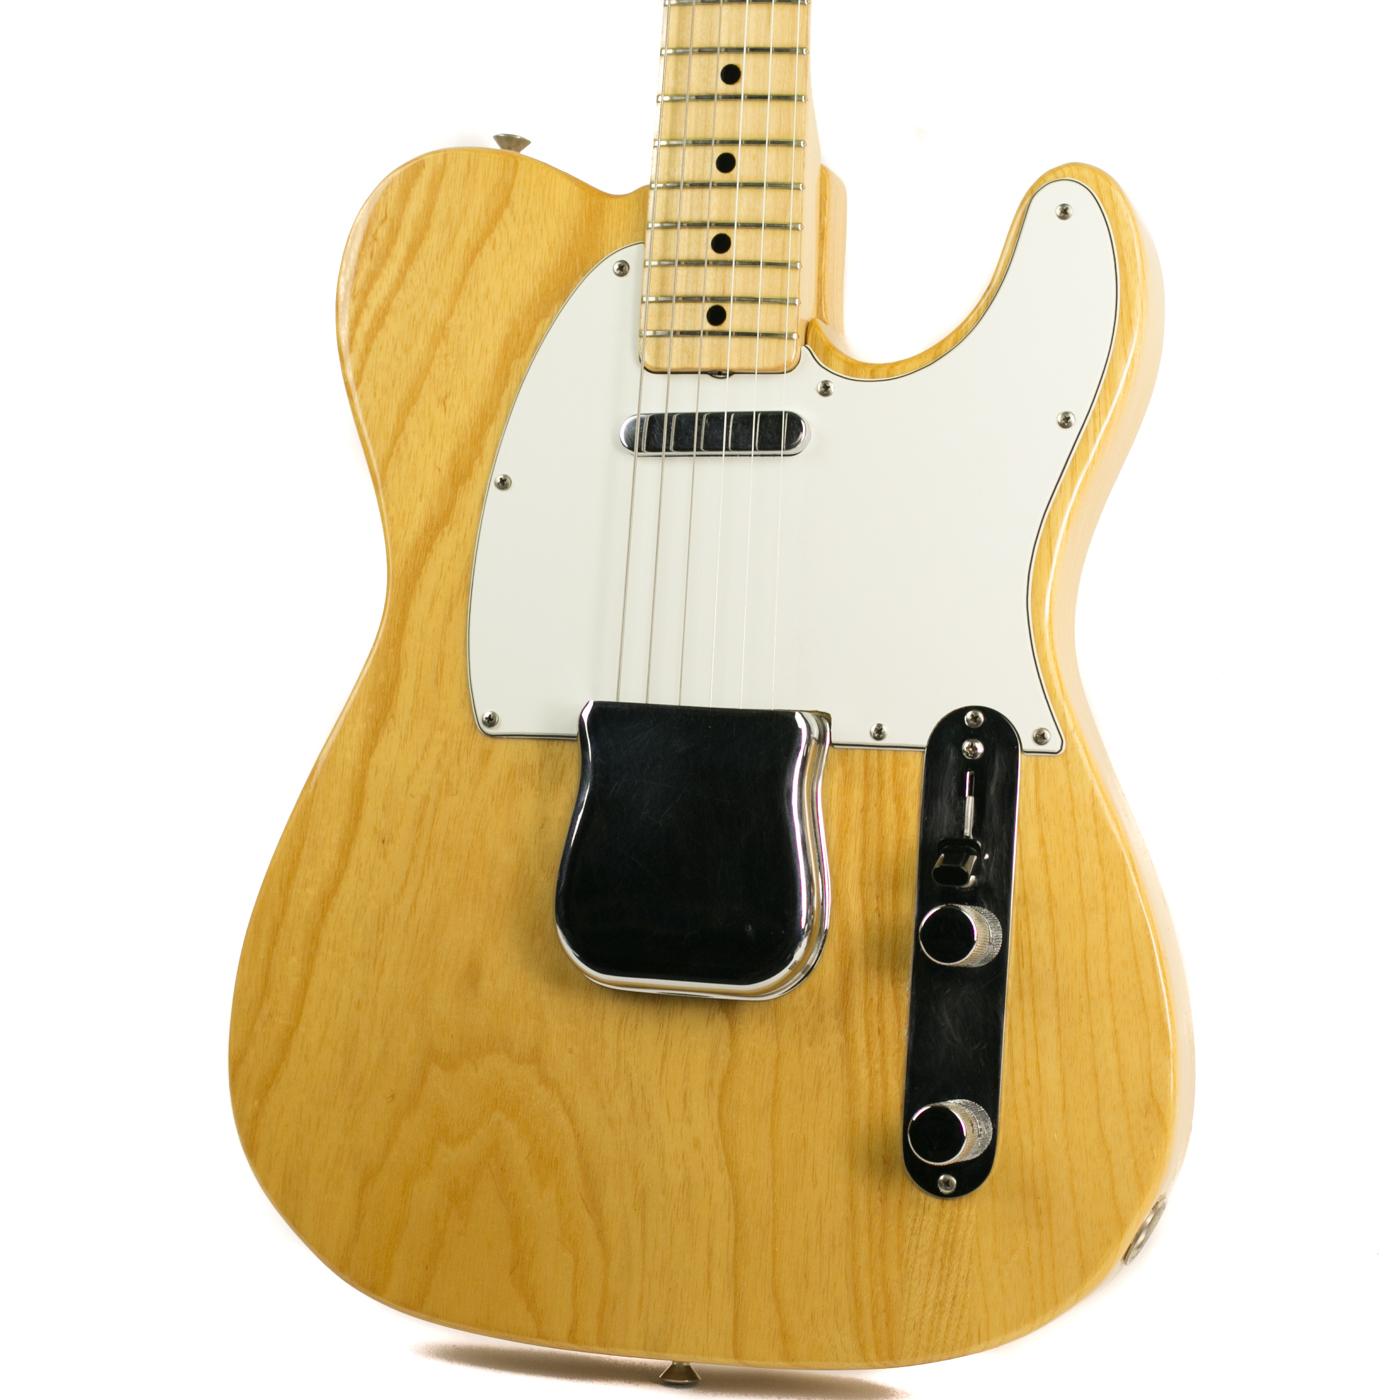 1972 Fender Telecaster detail 0